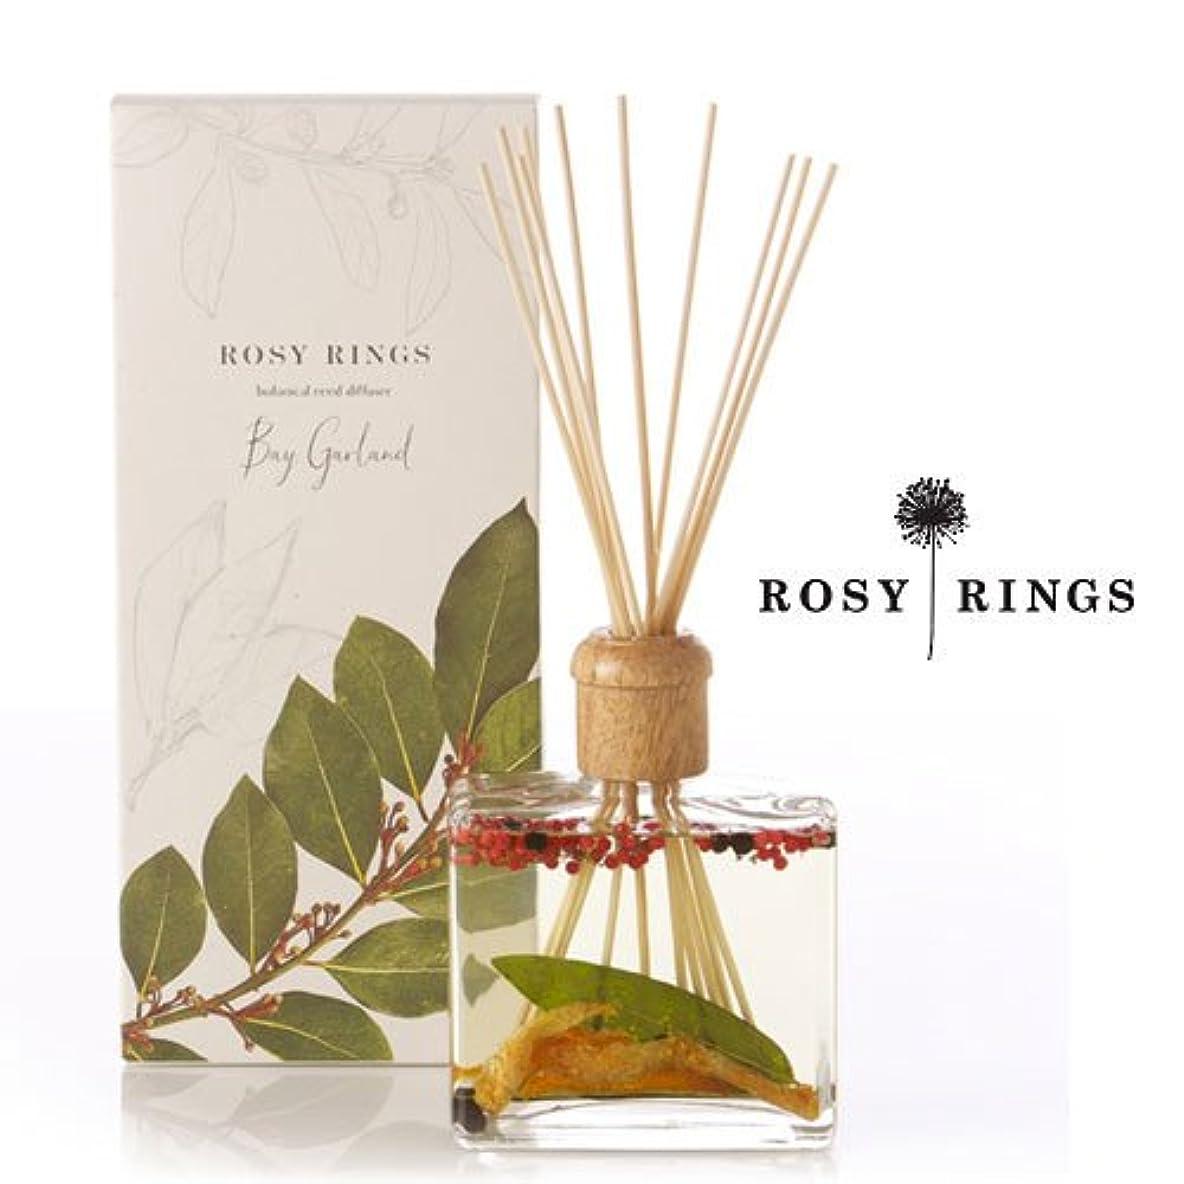 排気結婚したエレベーターロージーリングス ボタニカルリードディフューザード ベイガーランド ROSY RINGS Signature Collection Botanical Reed Diffuser – Bay Garland